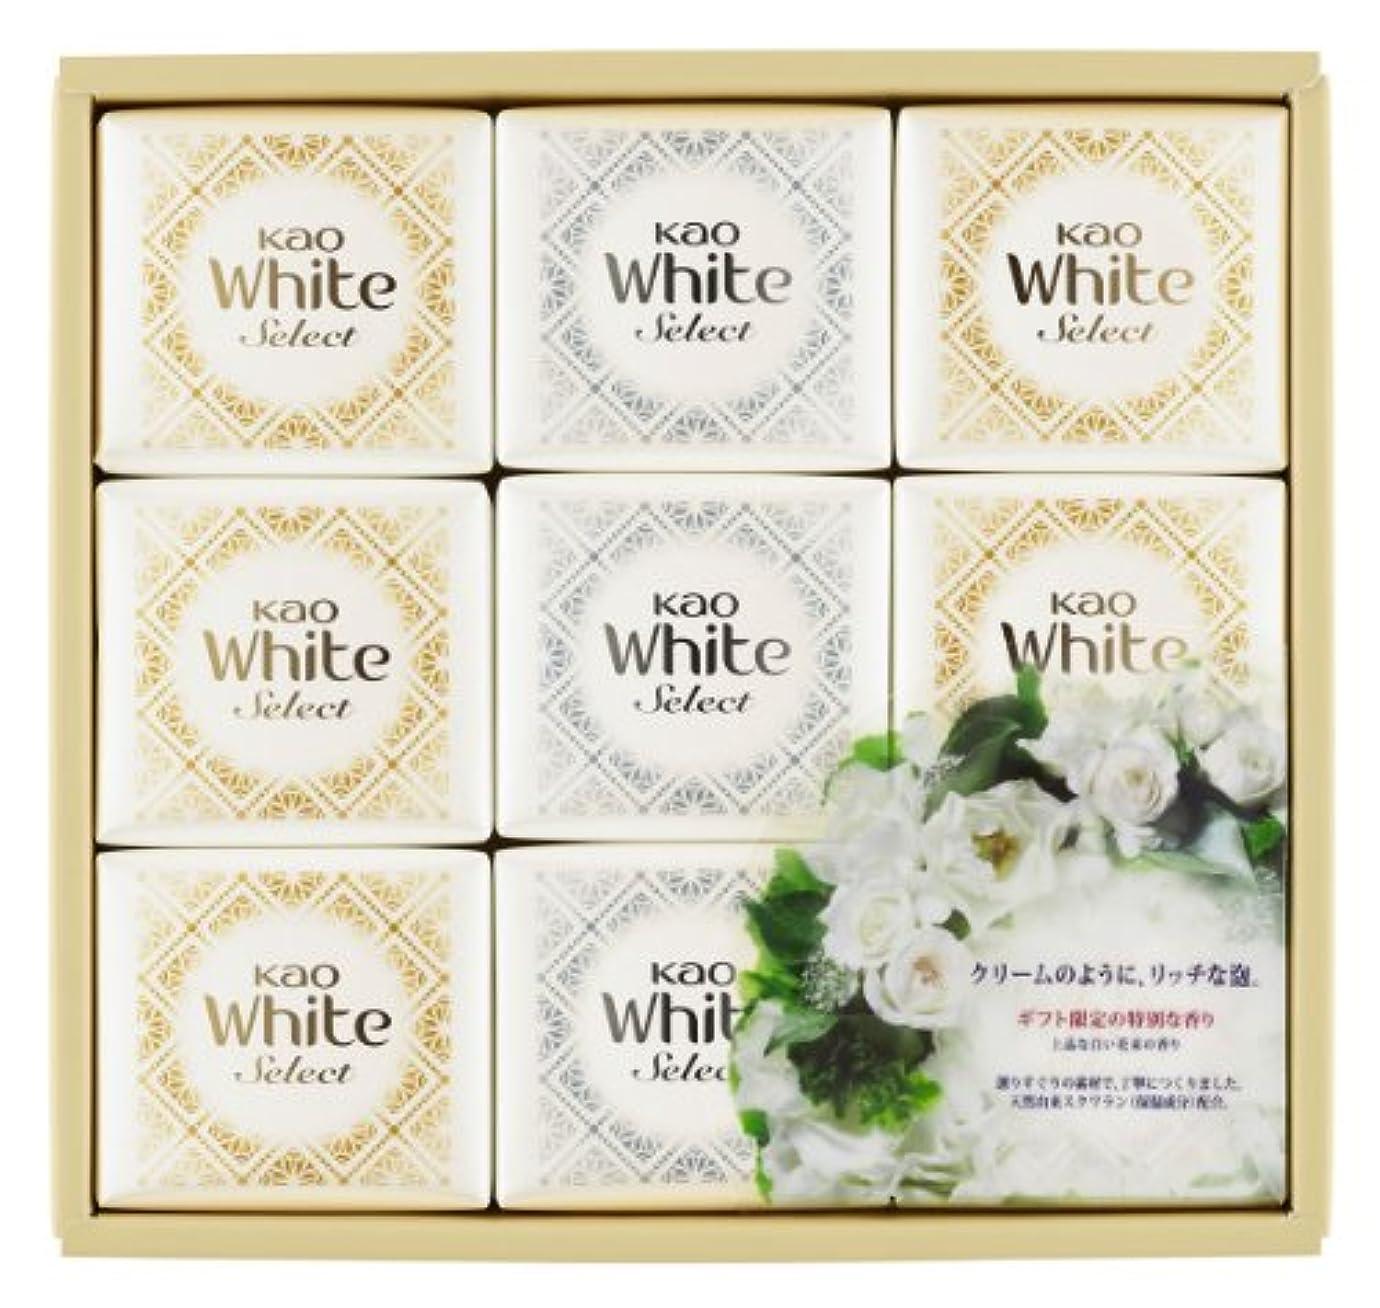 アウトドア風味変換する花王ホワイト セレクト 上品な白い花束の香り 85g 9コ K?WS-15